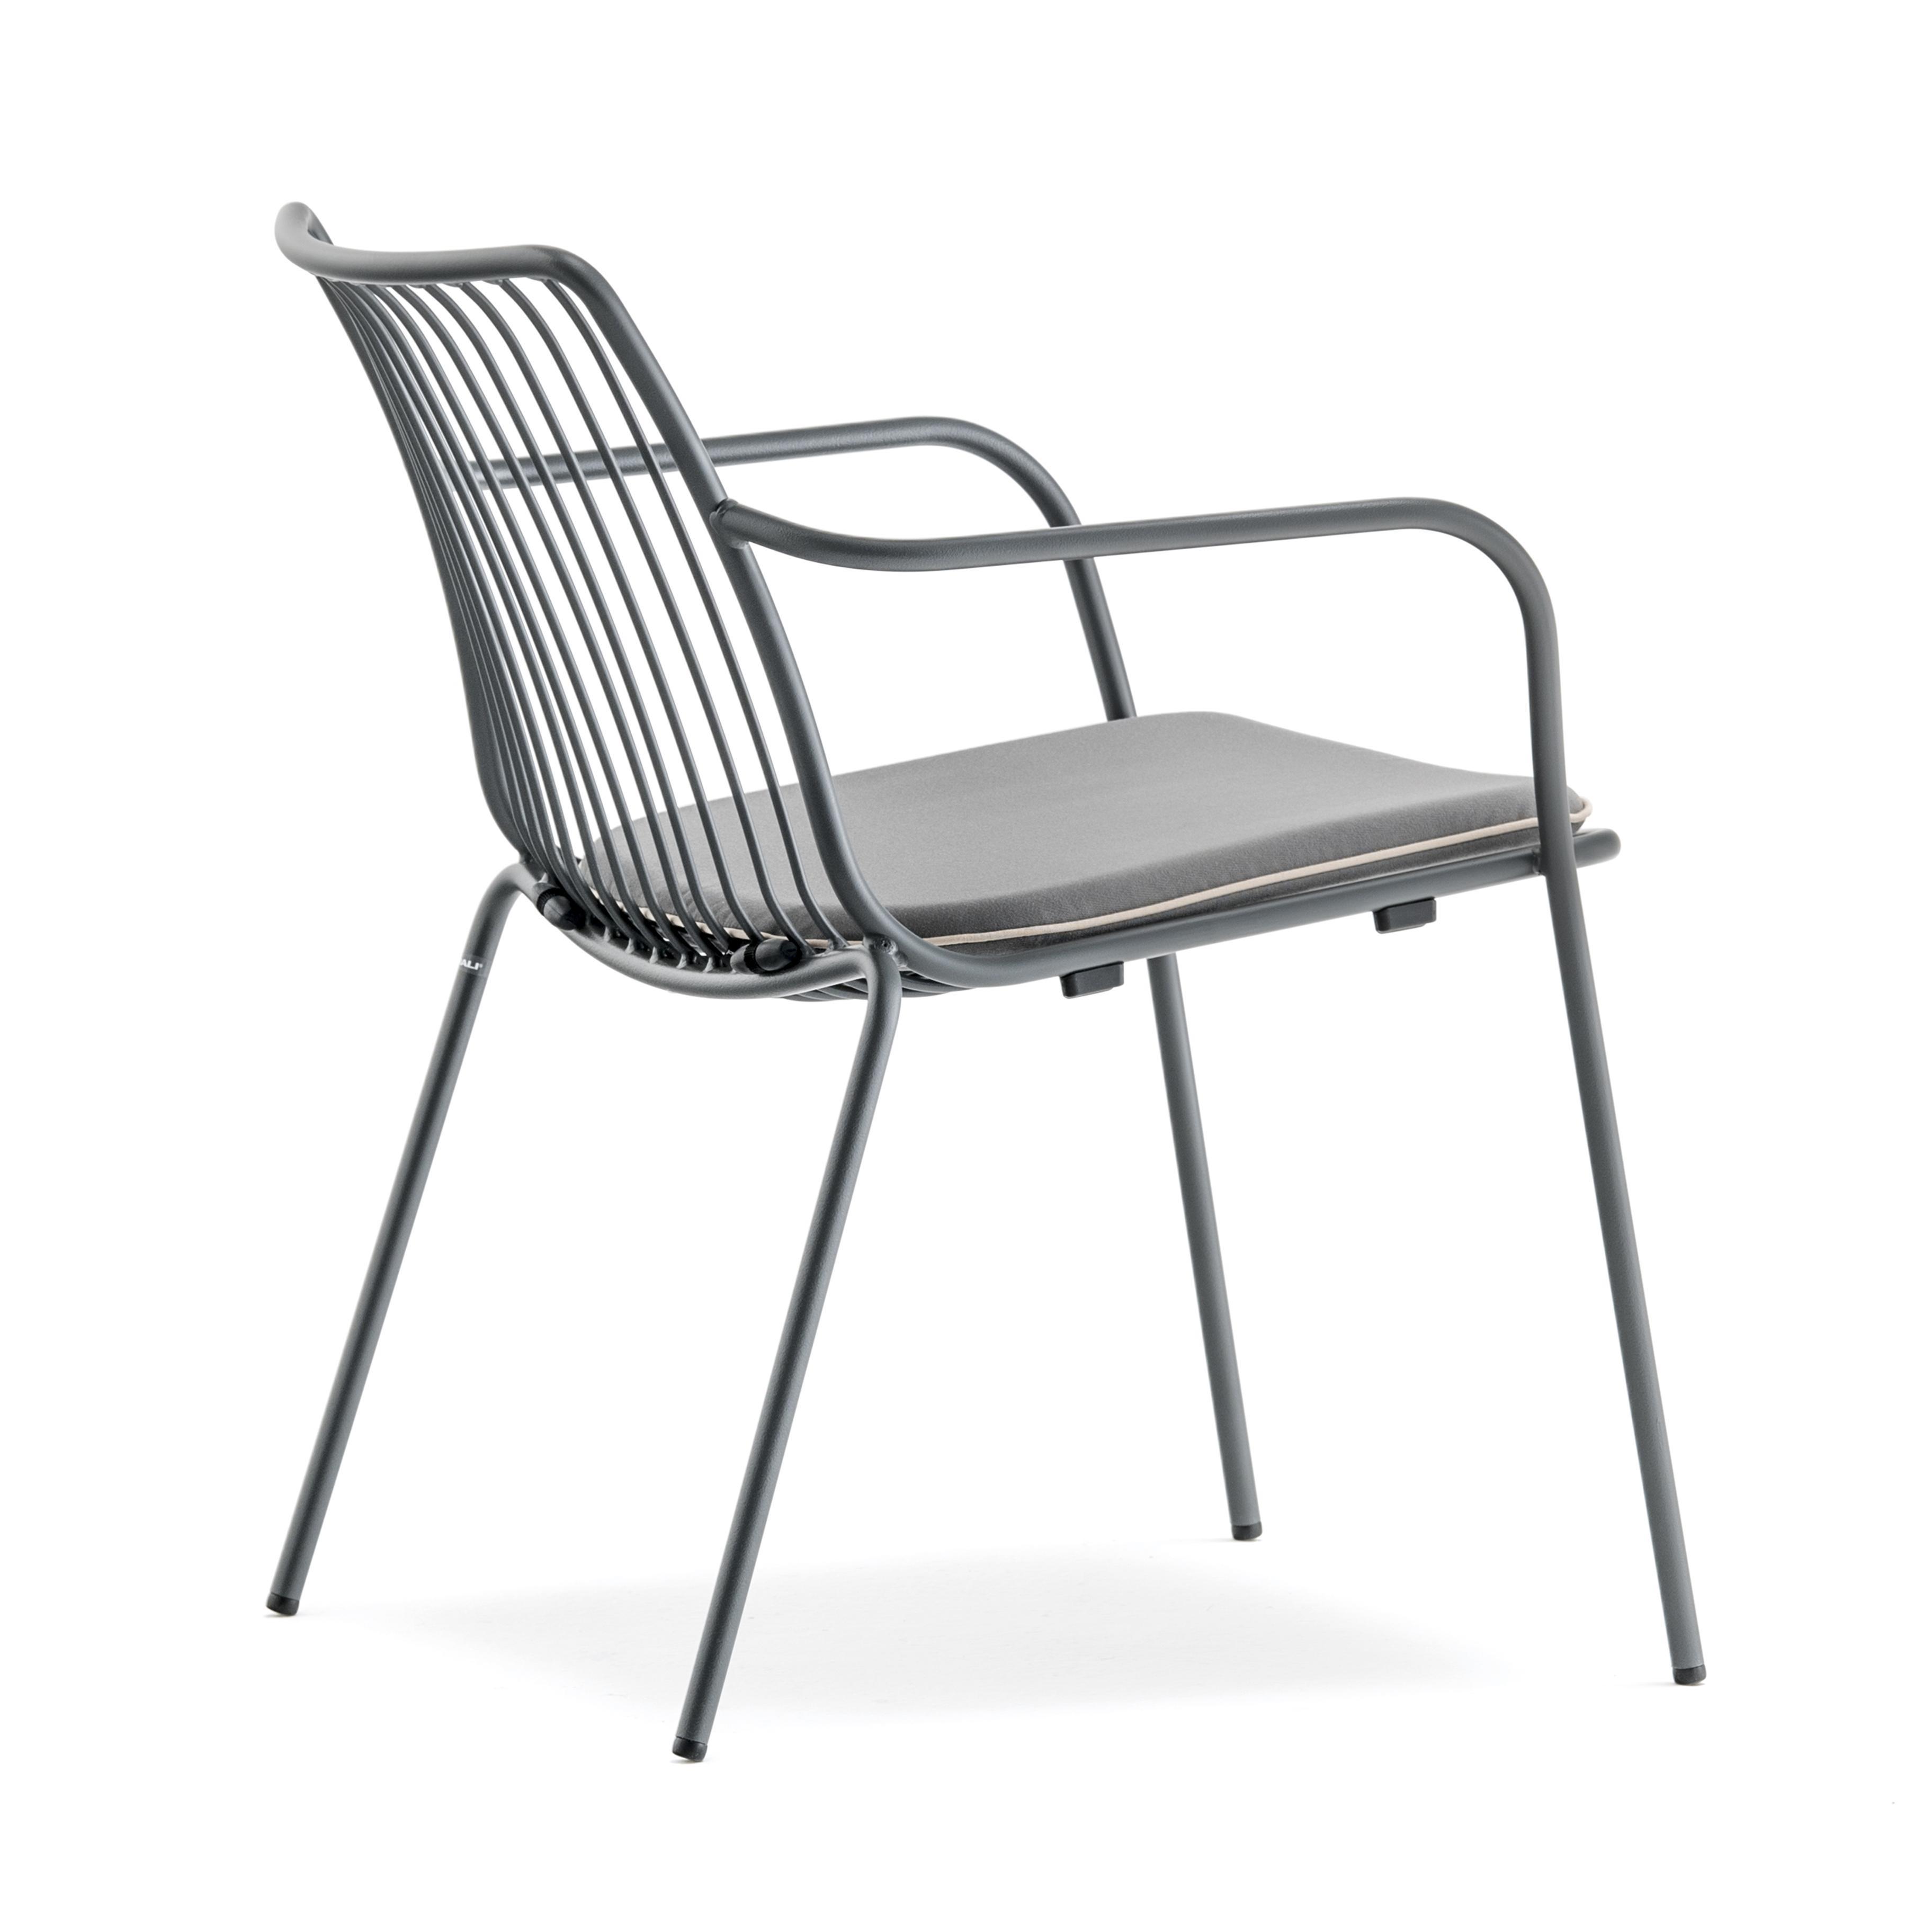 Sessel Grau Metall Mit Armlehne Stapelbar Garten Sessel Lounge